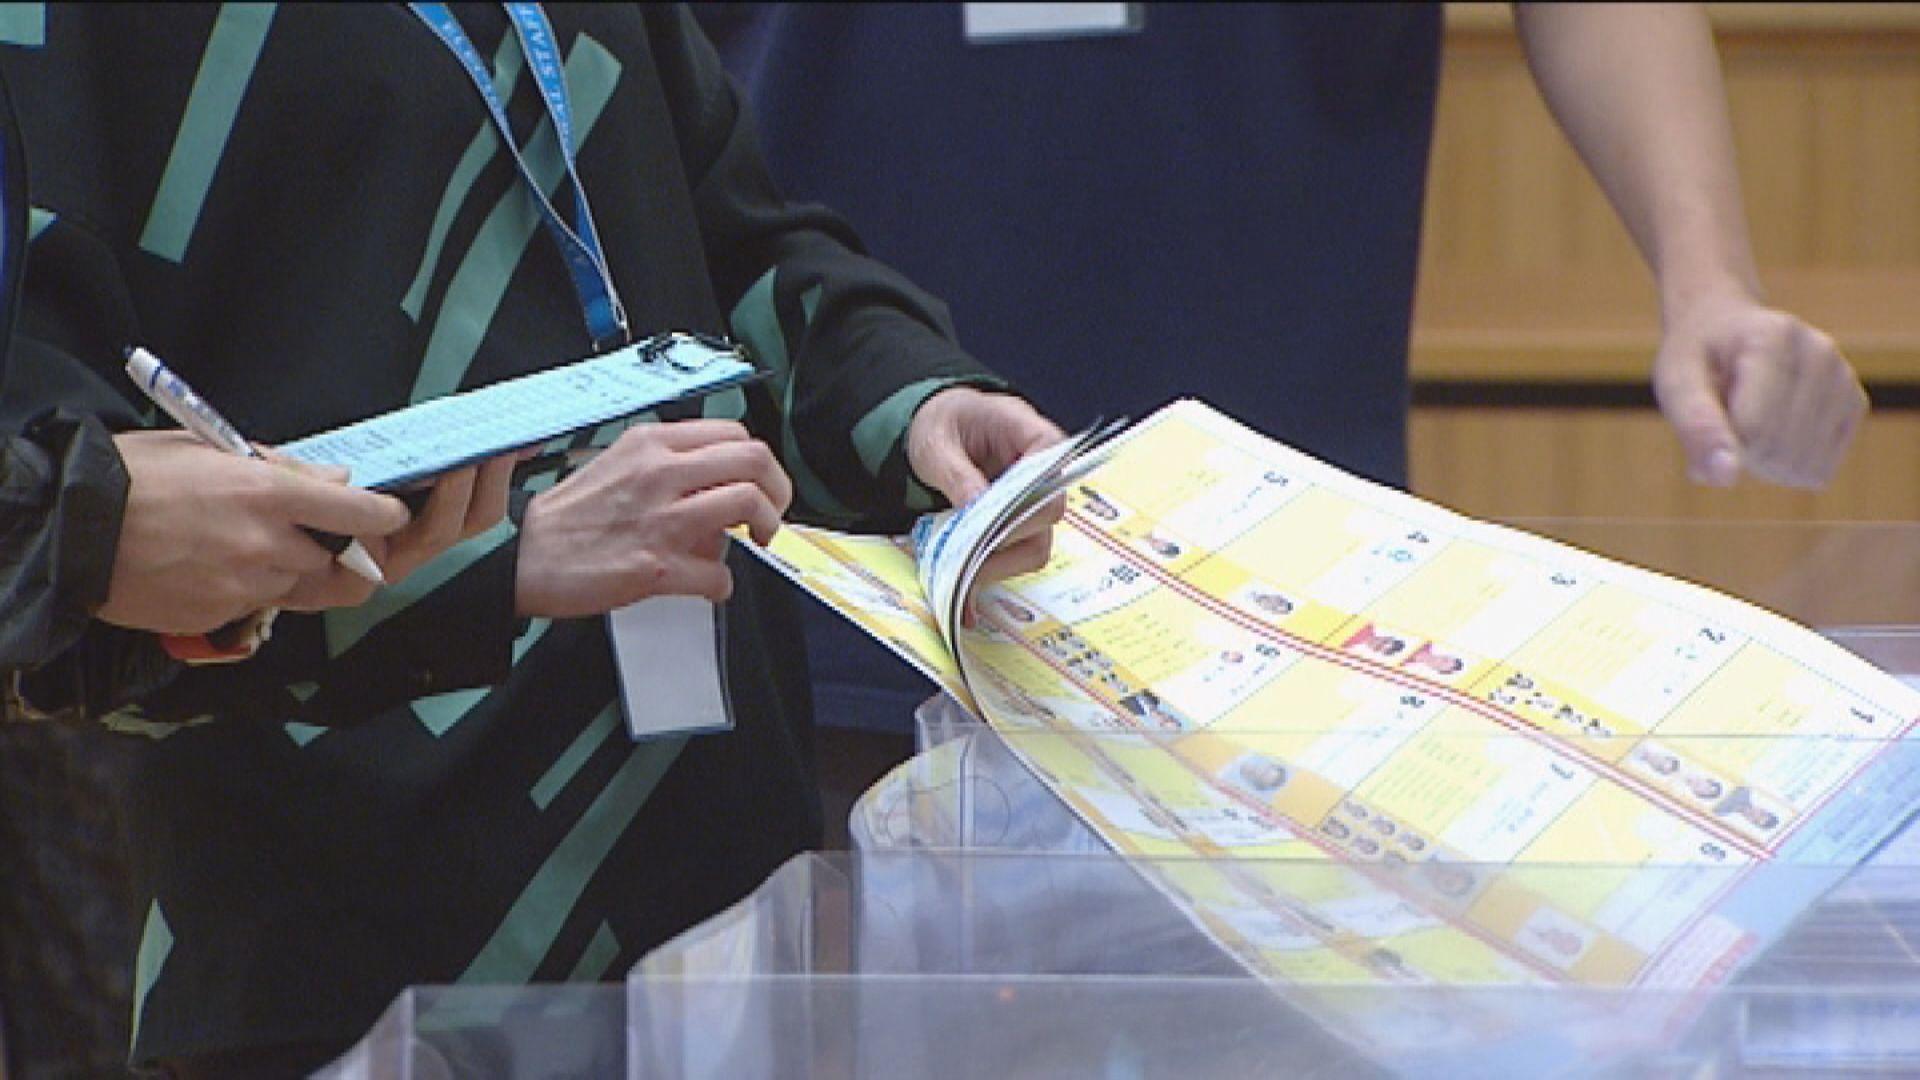 聶德權:選舉事務處內部管理有問題